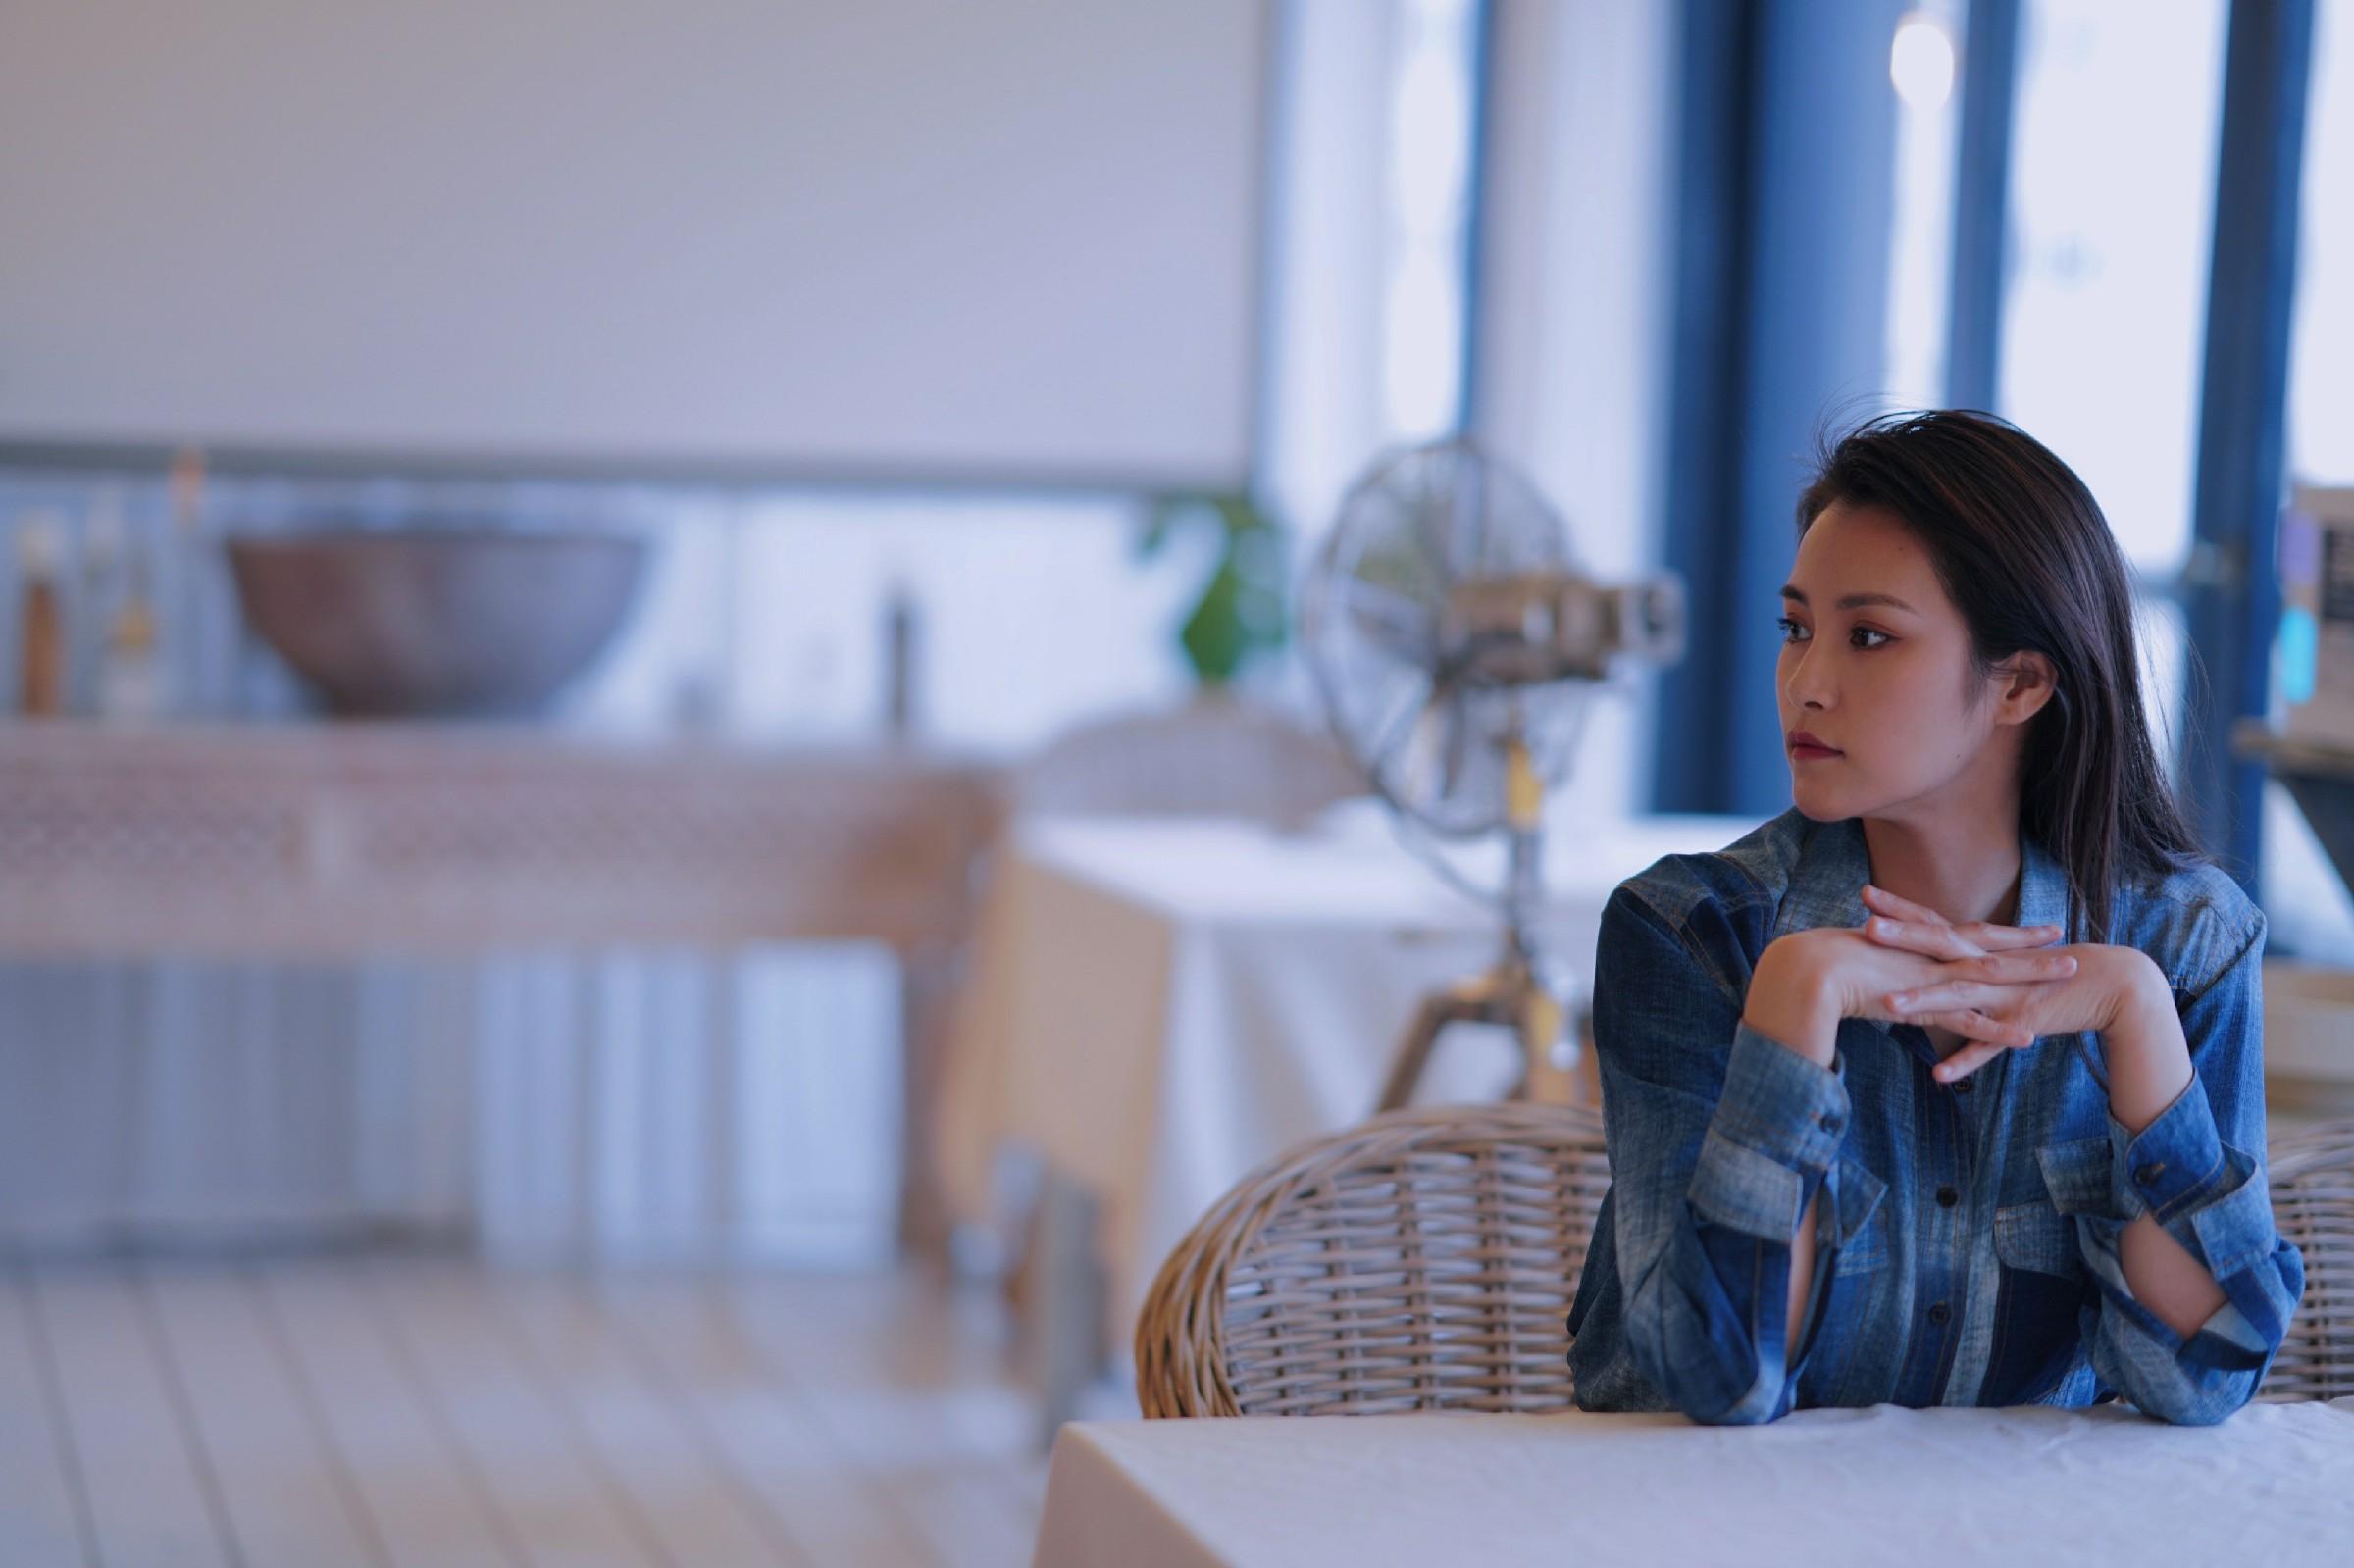 演员田蕾希新写真释出 诠释演员的多重魅力